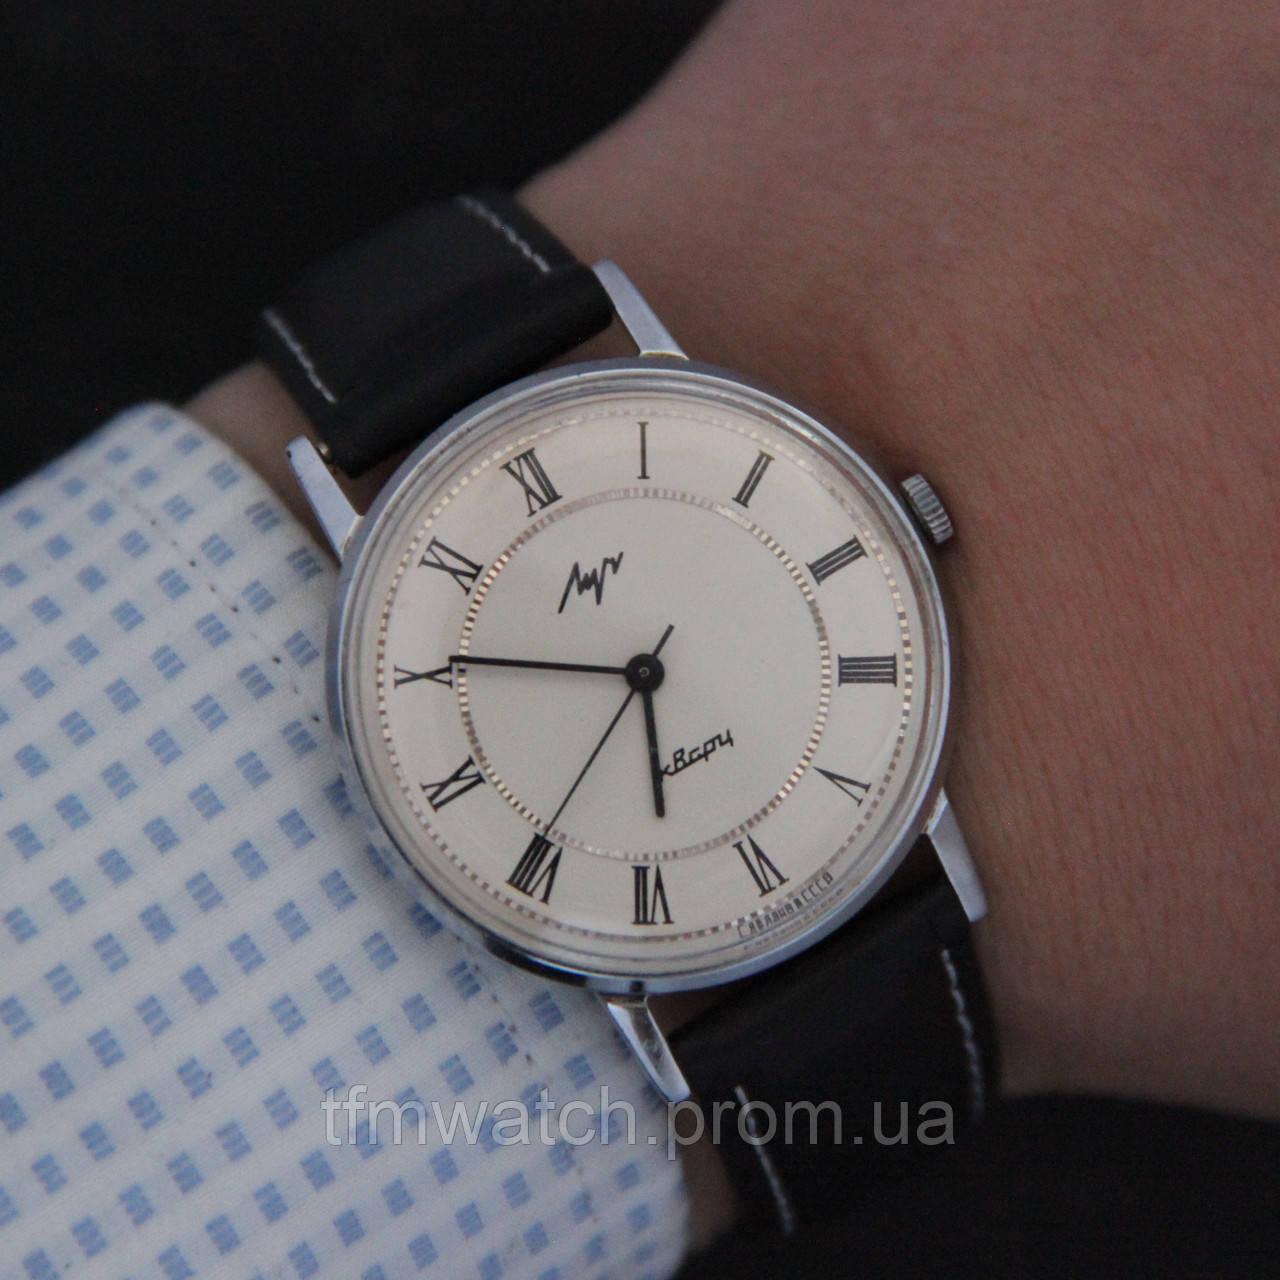 Мужские часы луч кварц 5w30